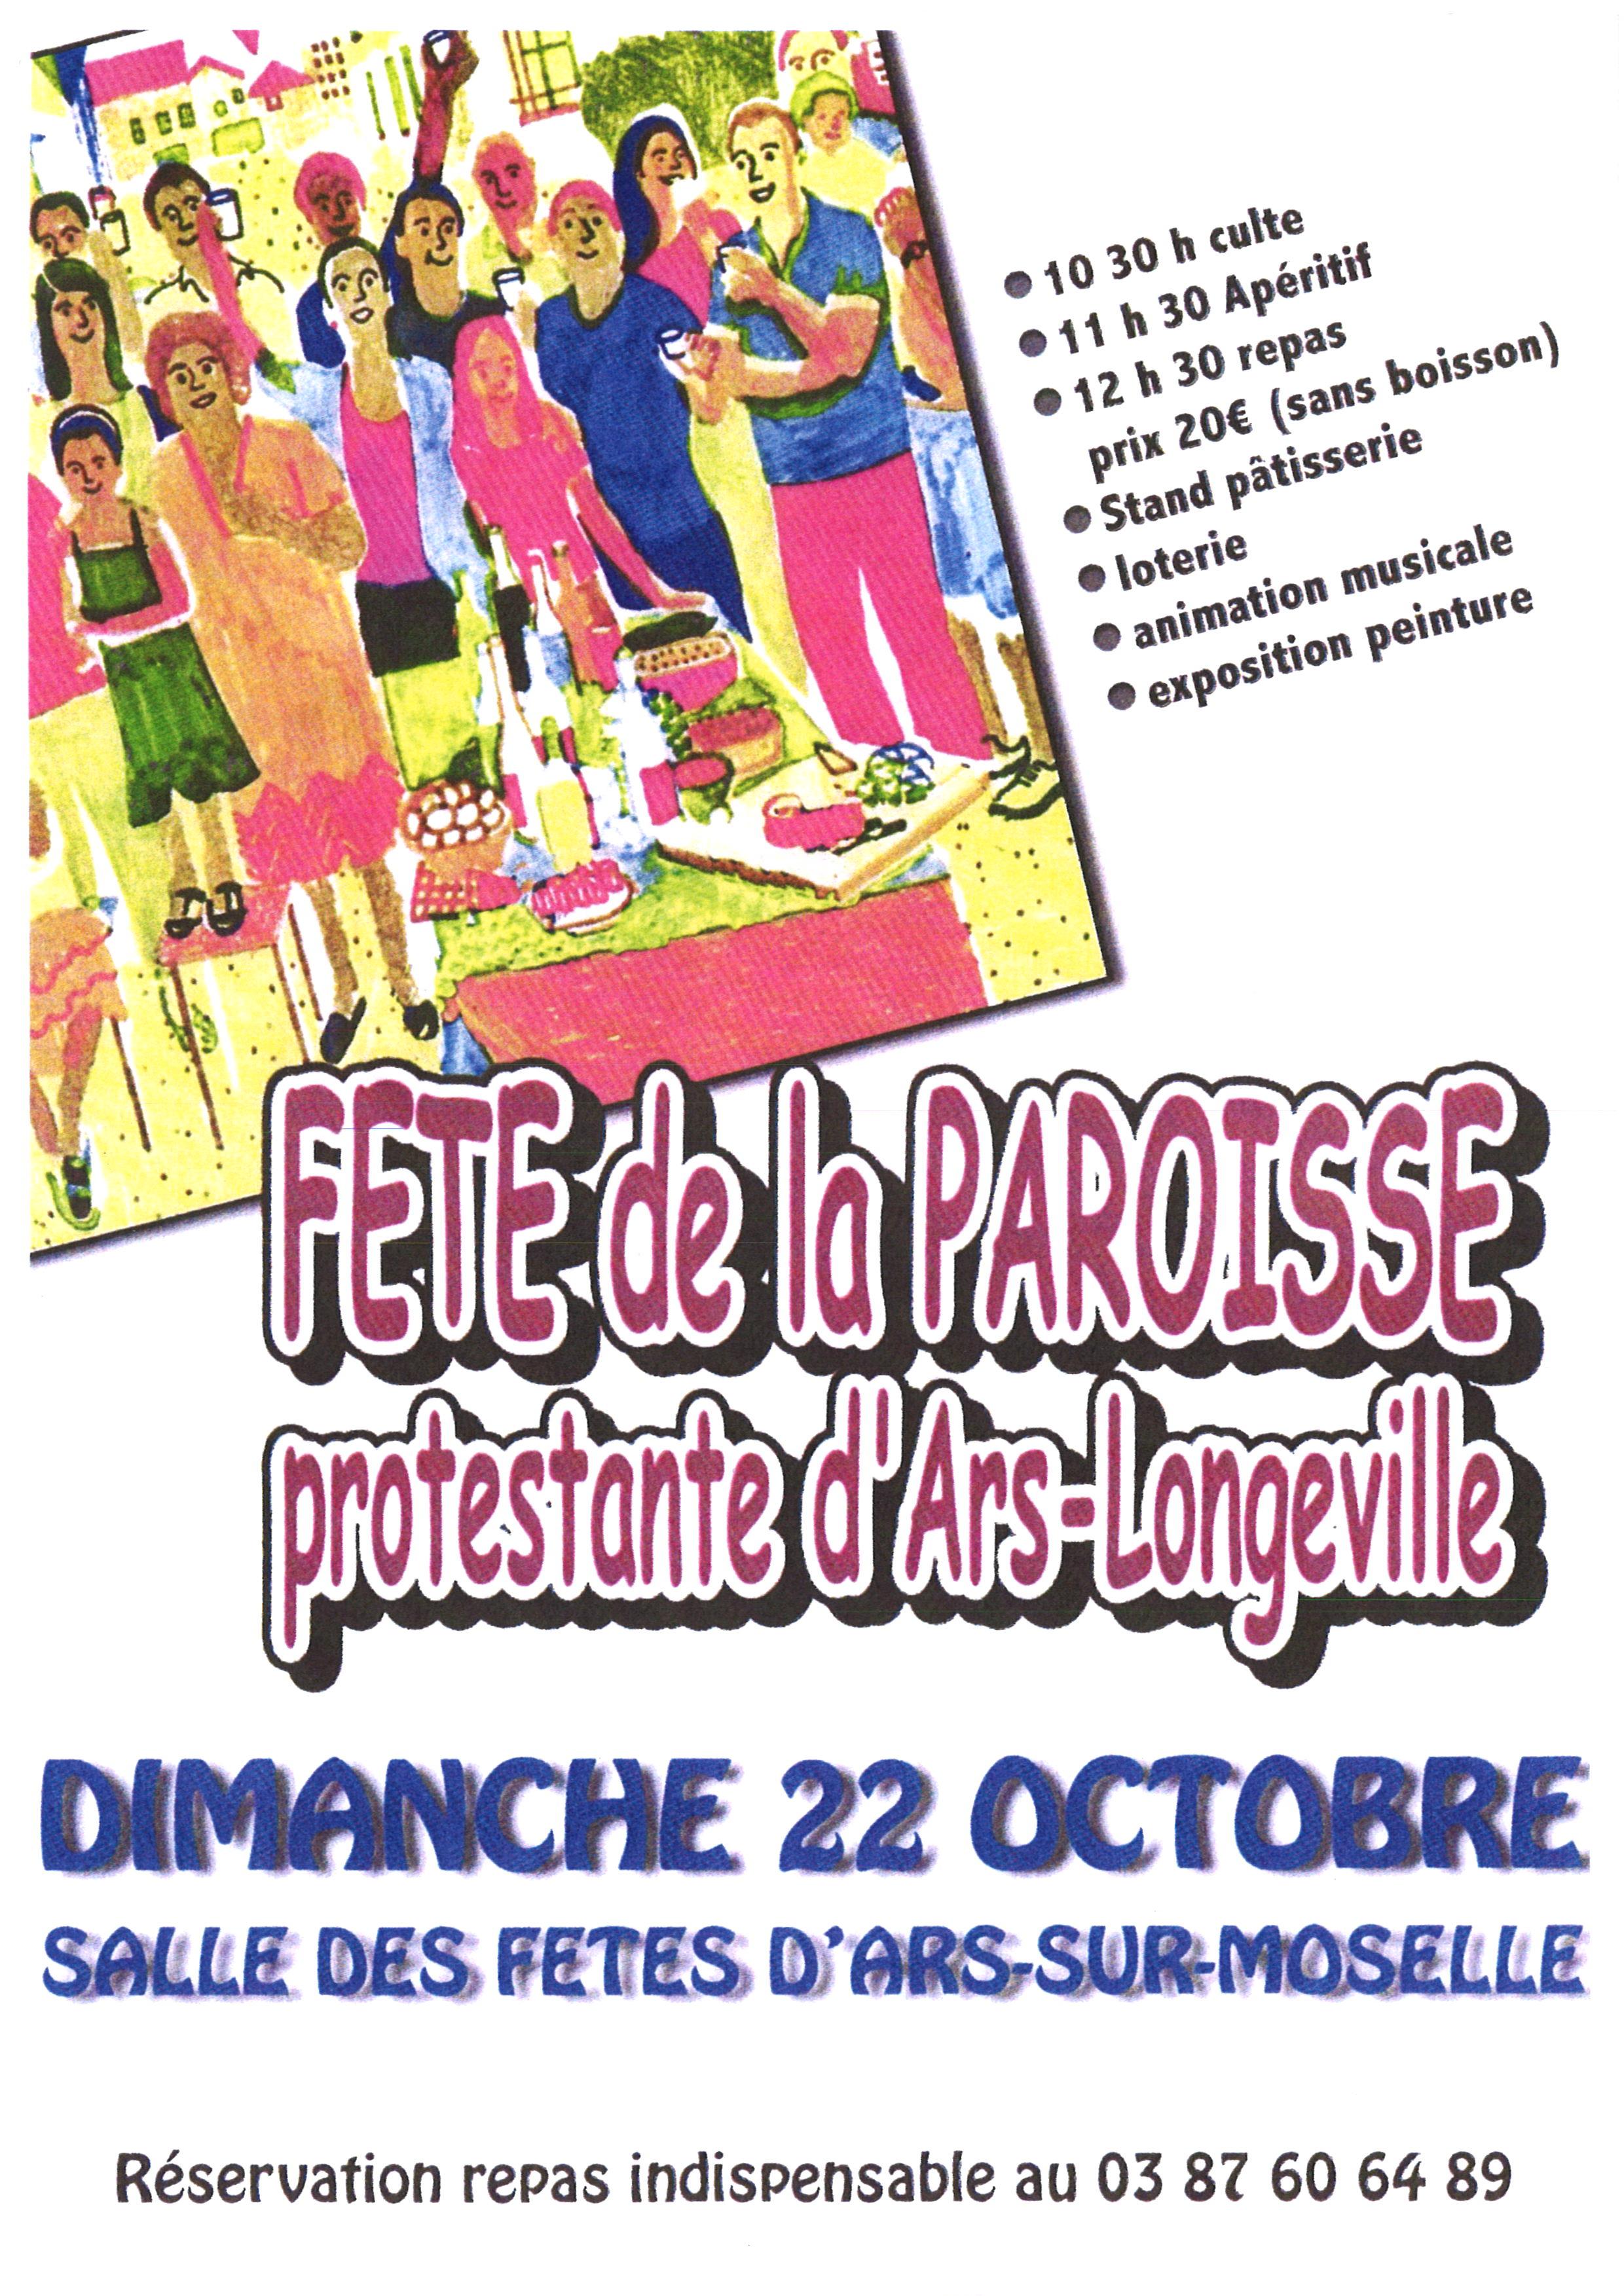 FETE DE LA PAROISSE PROTESTANTE D'ARS-LONGEVILLE dimanche 22 octobre